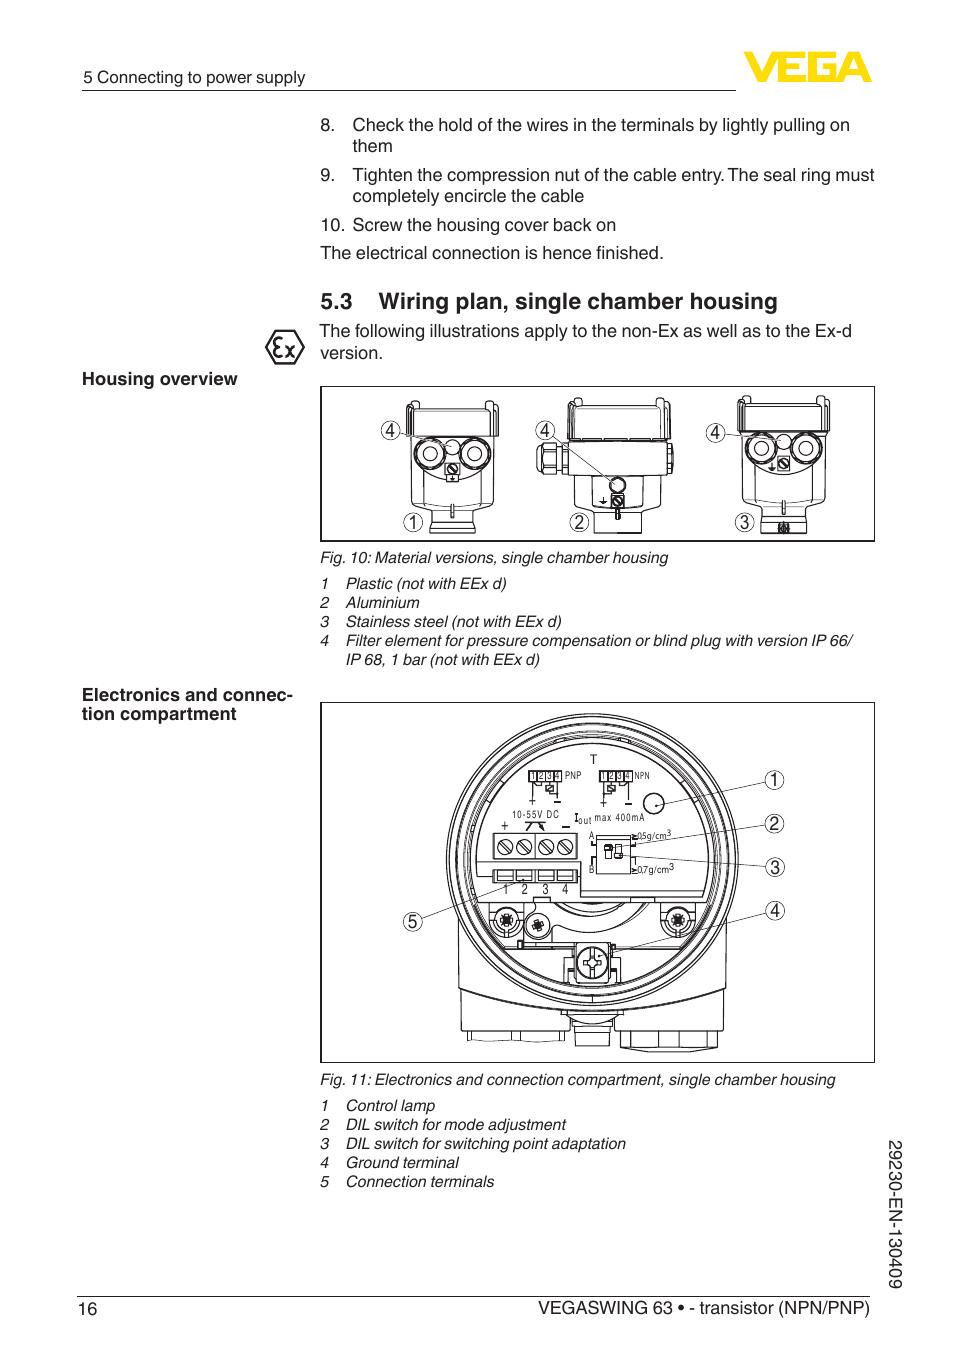 hight resolution of 3 wiring plan single chamber housing vega vegaswing 63 transistor npn